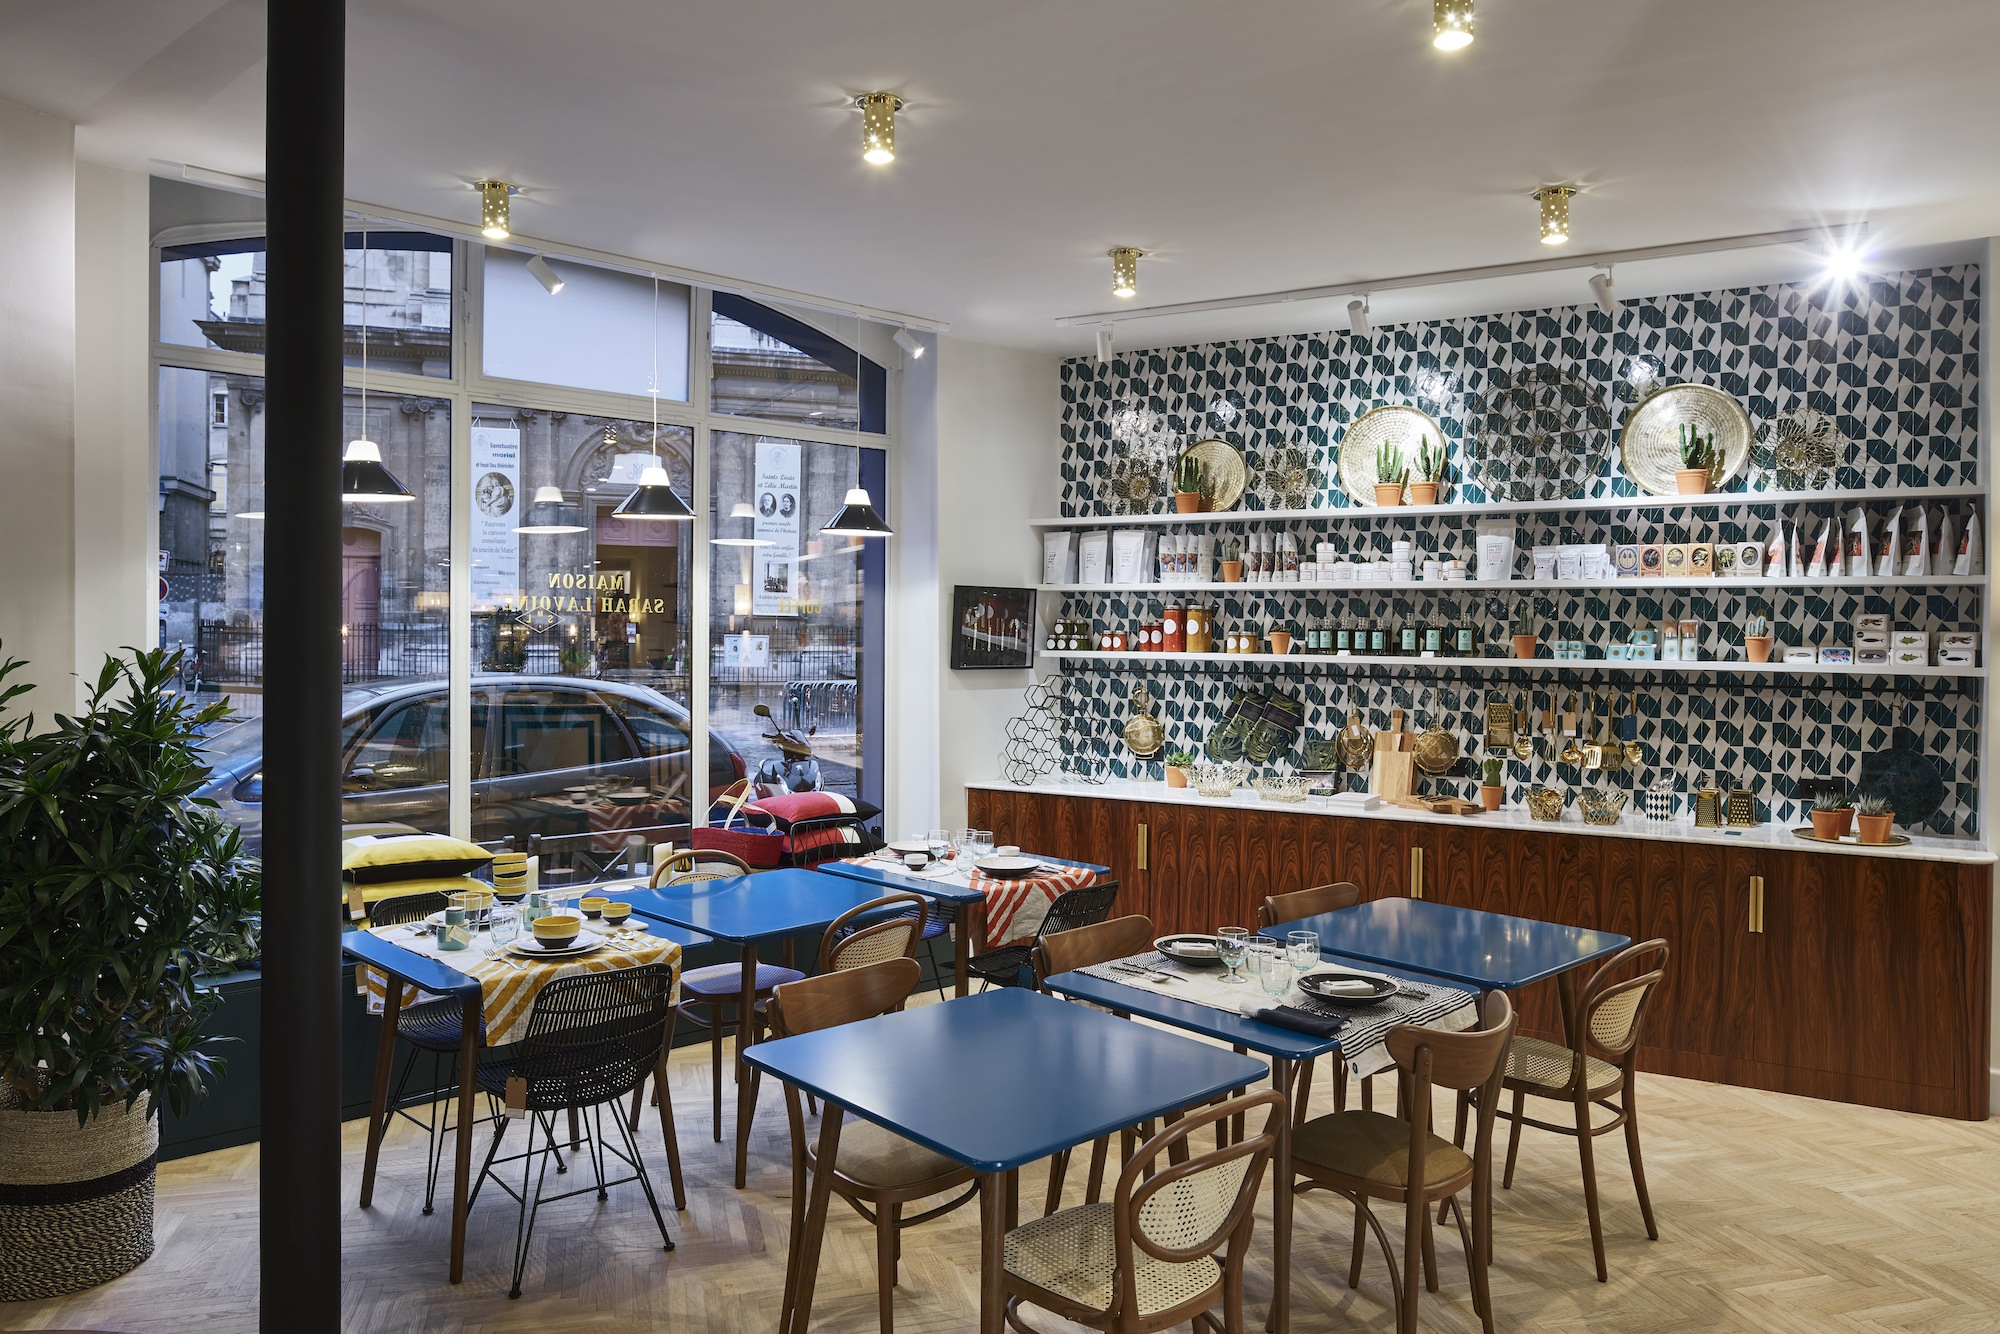 Hip paris blog beyond colette paris concept store shopping and dining bliss - Sarah lavoine place des victoires ...